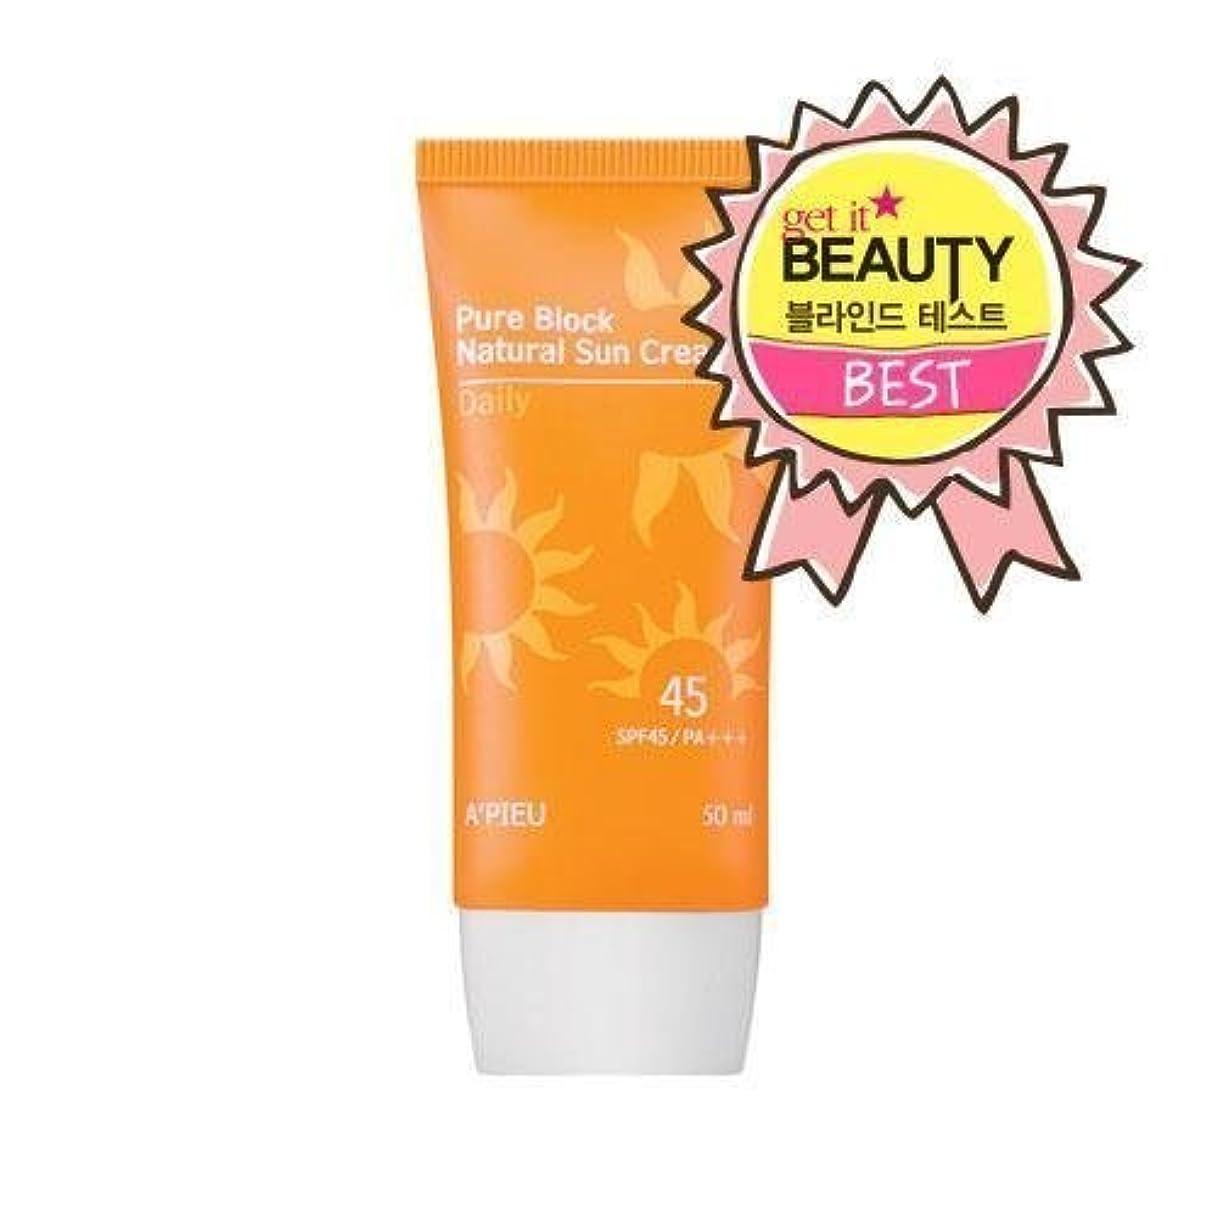 ケーキ見込み正当なAPIEU Pure Natural Daily Sun Cream (SPF45/PA+++)/ Made in Korea